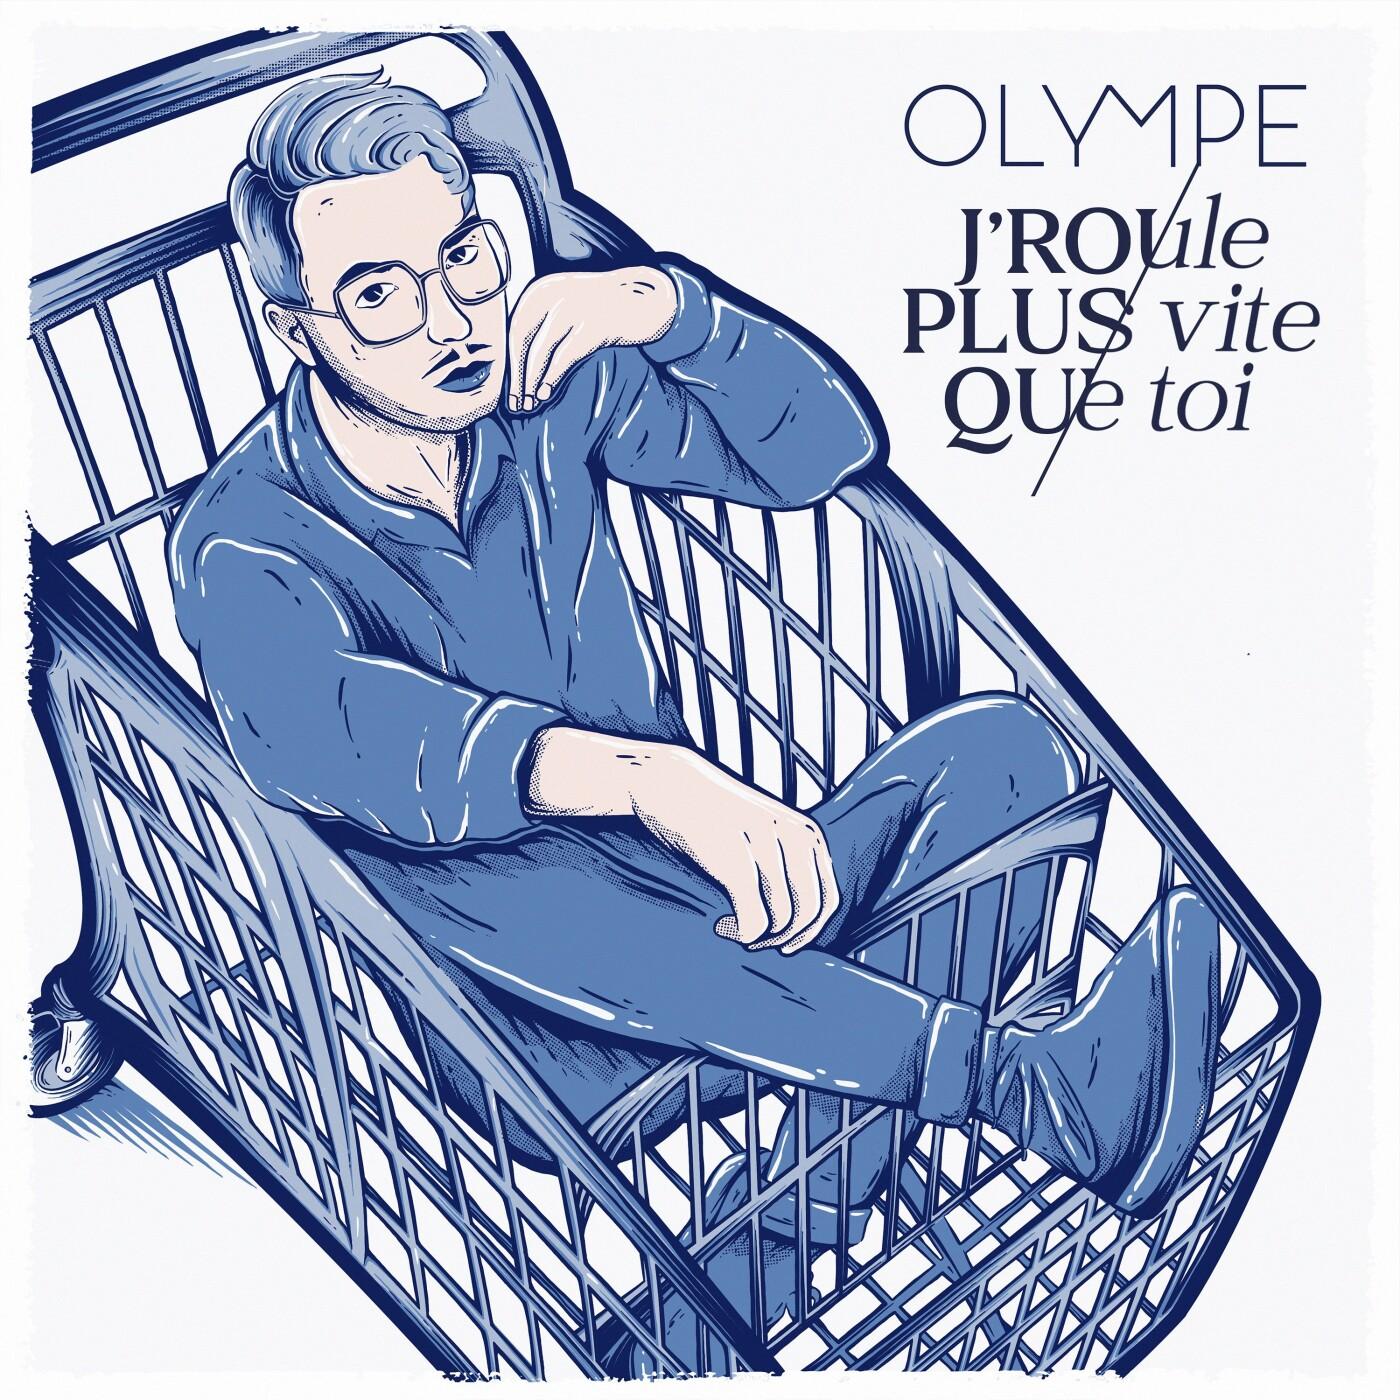 Olympe présente son nouveau titre, J'roule plus vite que toi - 08 09 2021 - StereoChic Radio